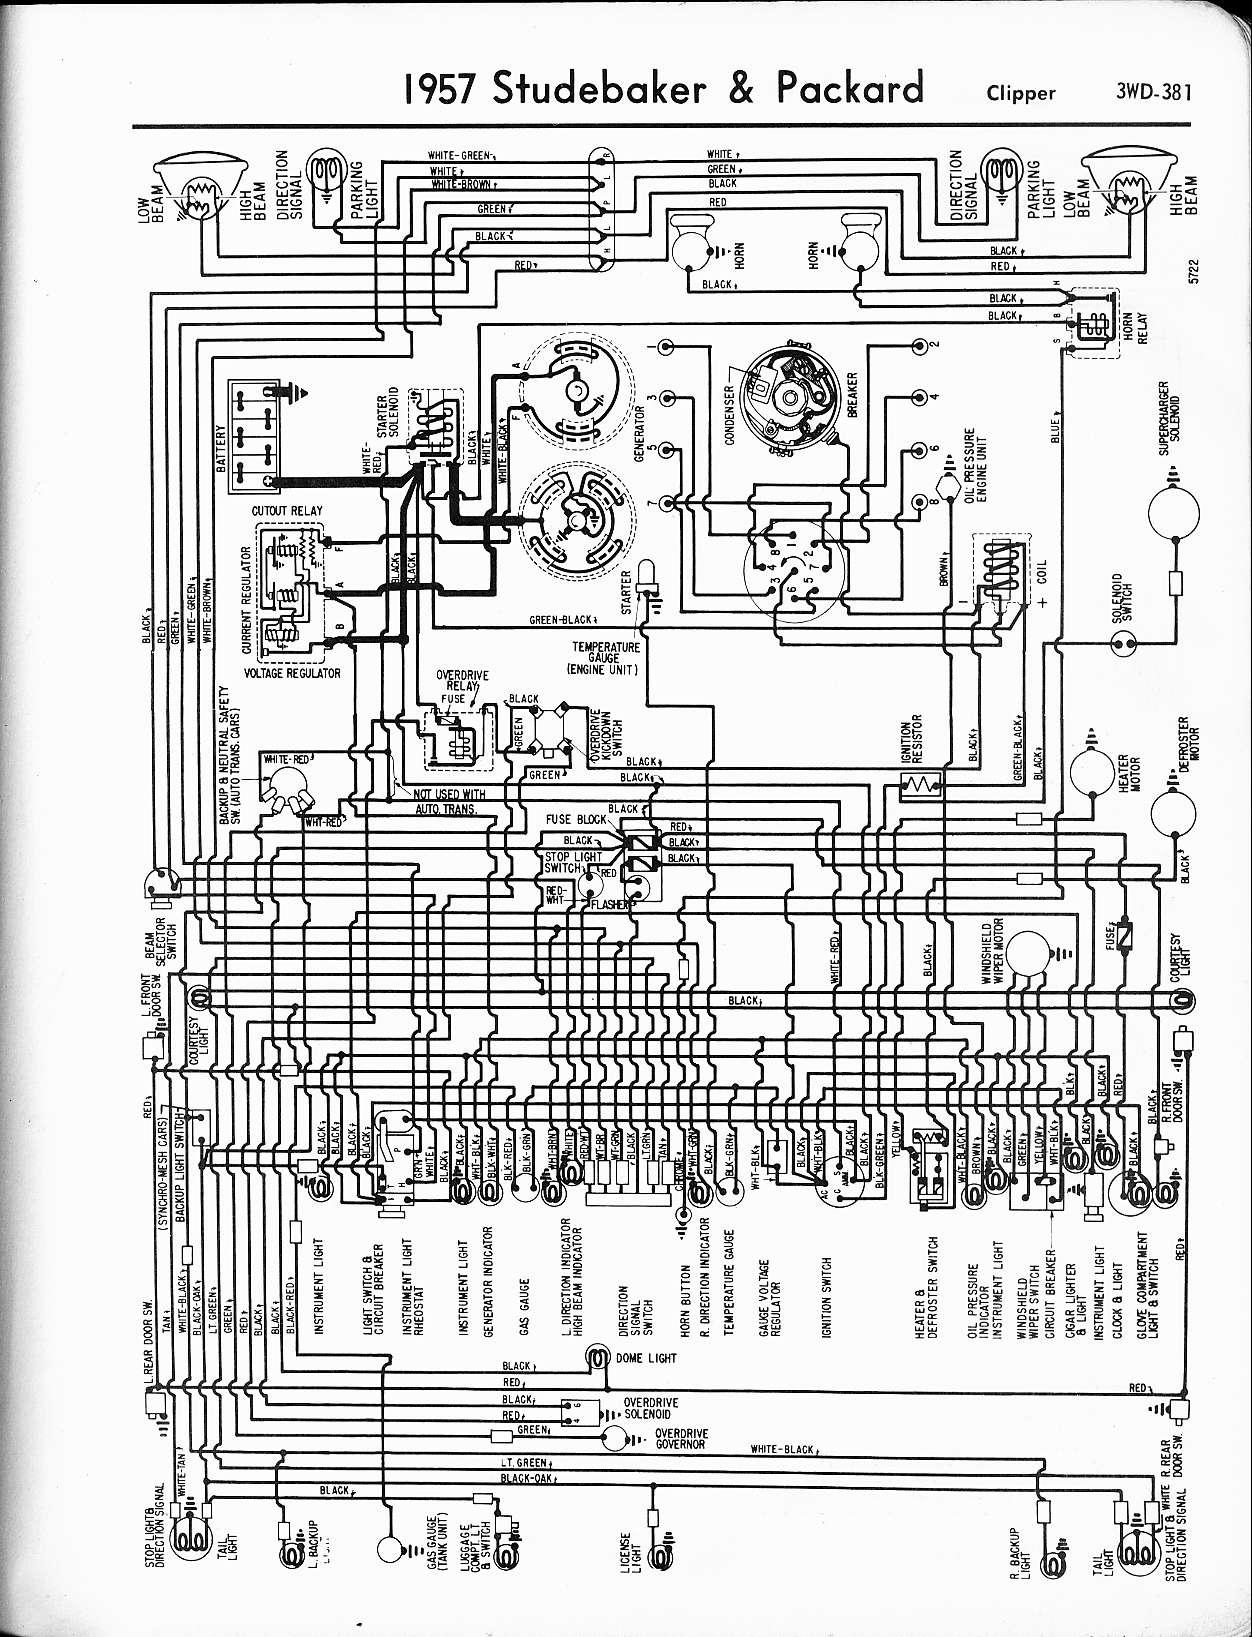 Enjoyable Packard Wiring Diagram Wiring Diagram Data Wiring Cloud Cranvenetmohammedshrineorg